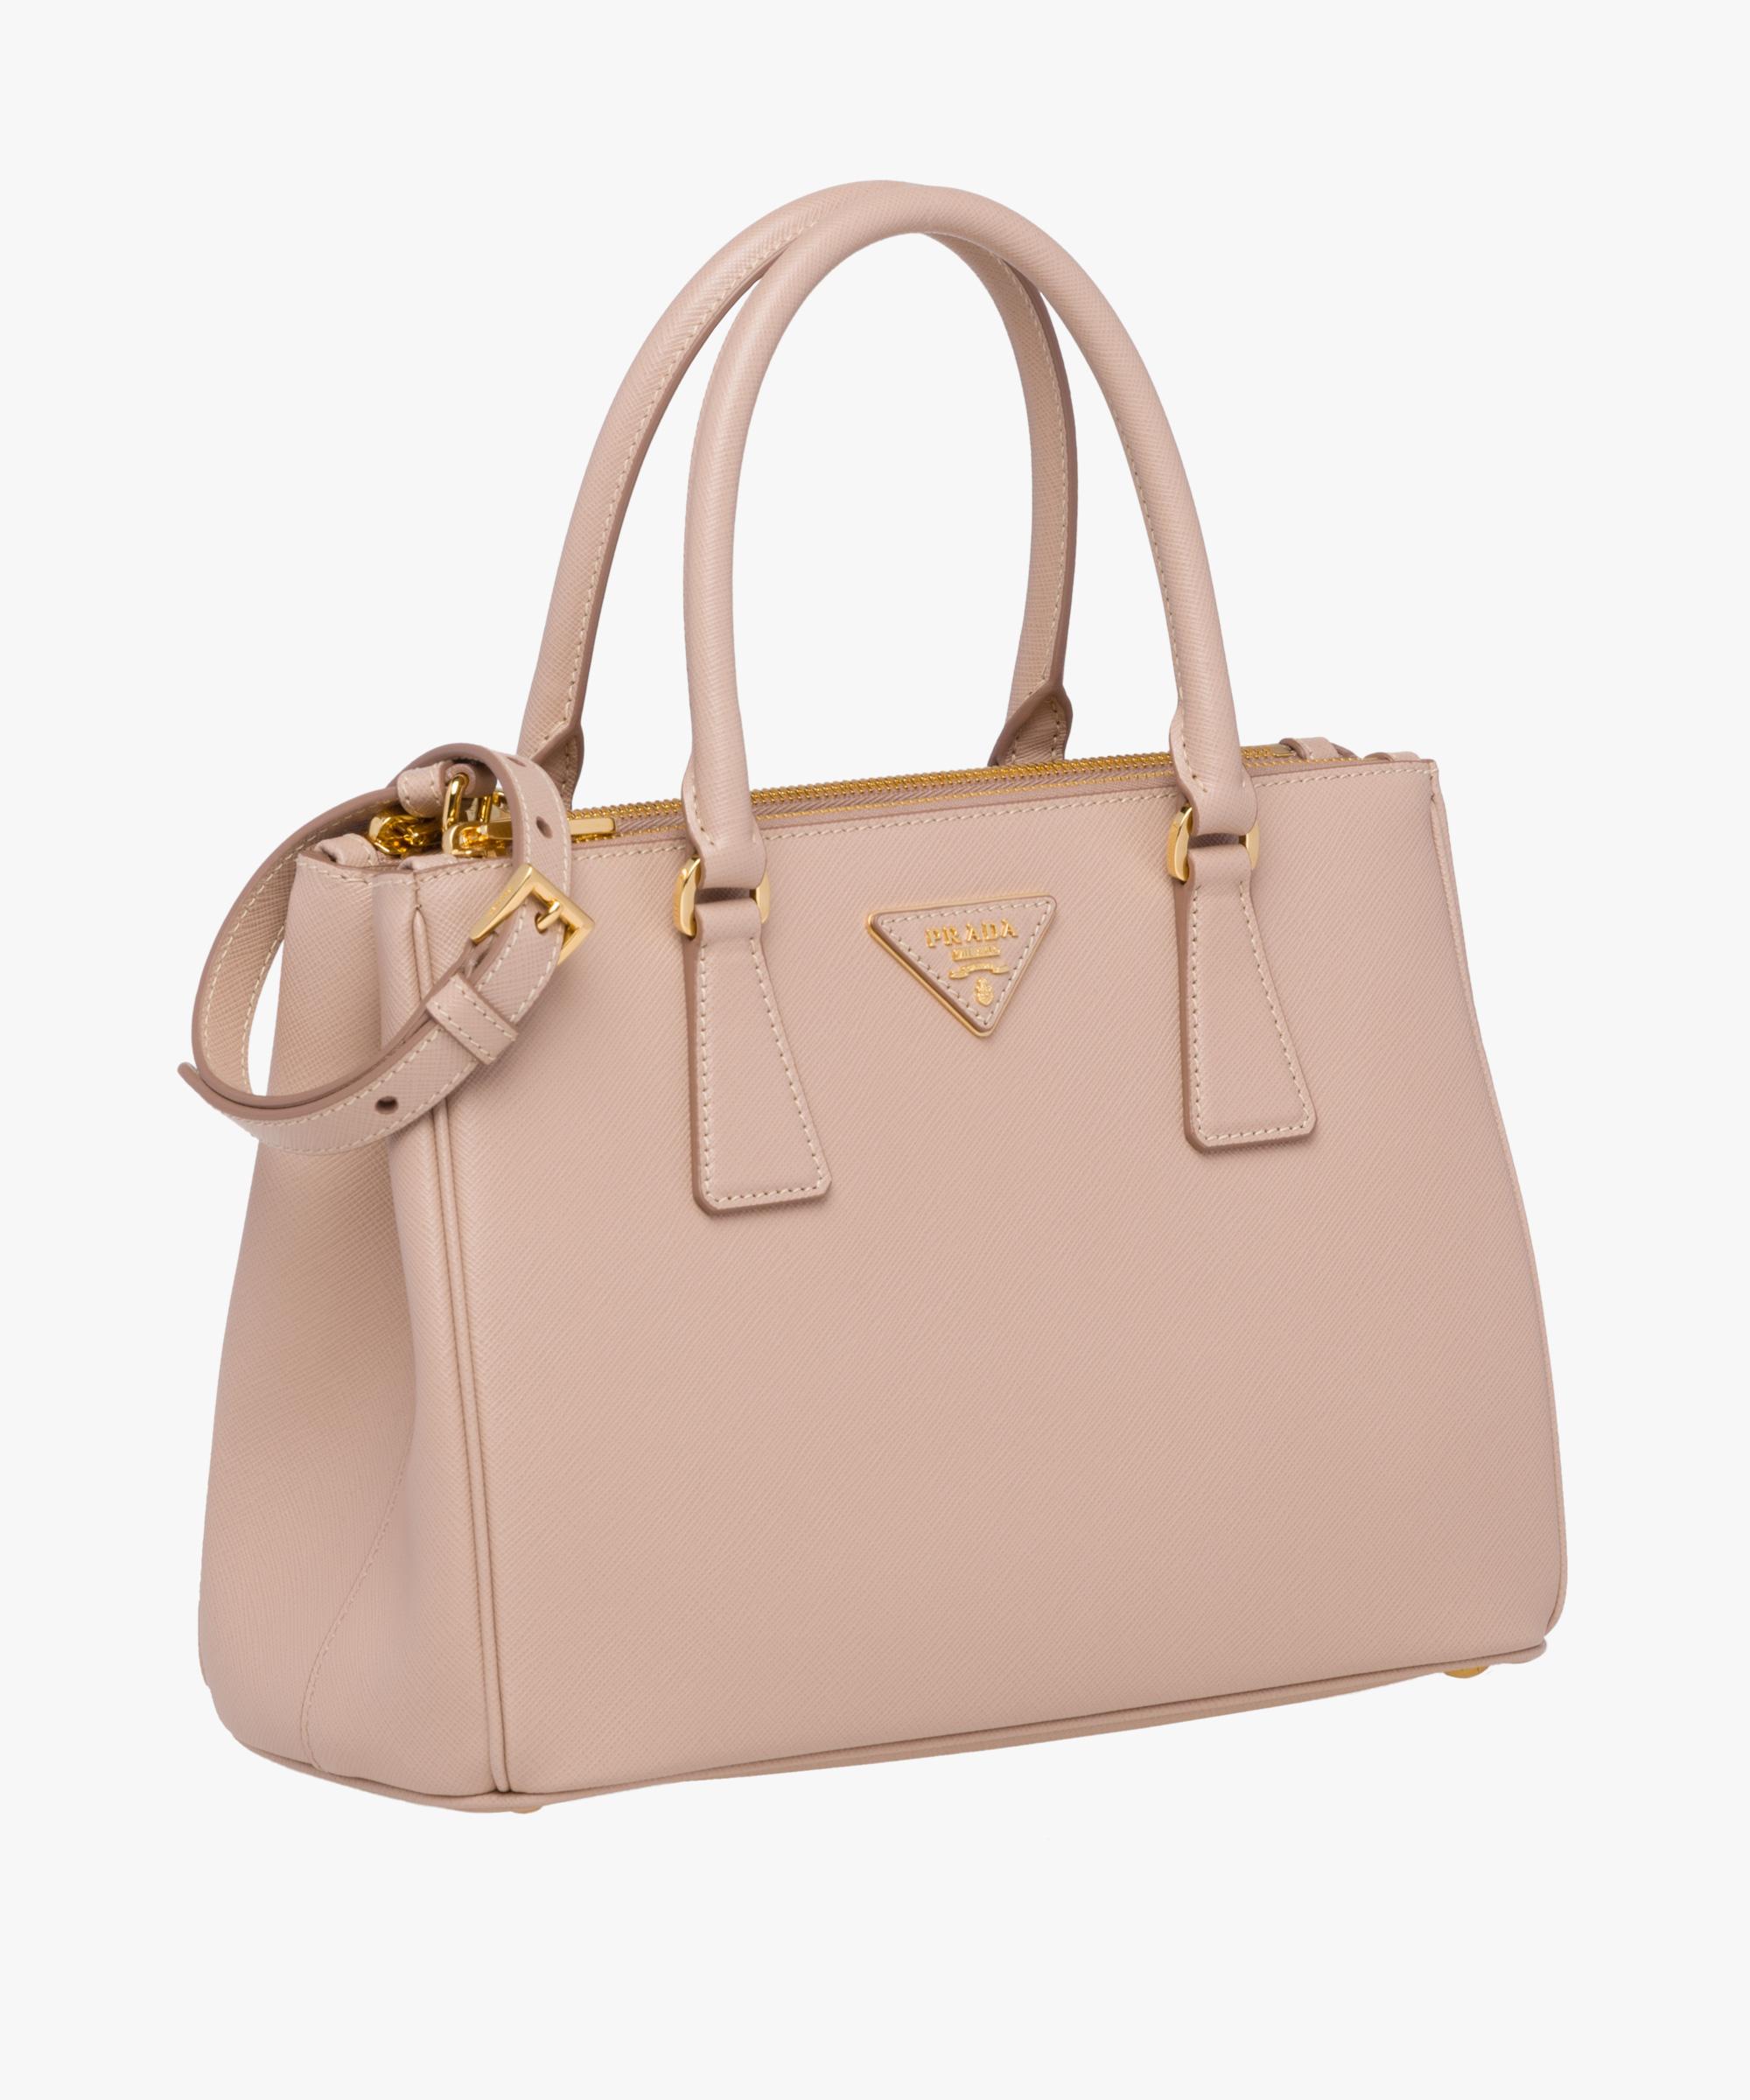 6268288754cb5d ... Prada Galleria Small Saffiano Leather Bag Prada POWDER PINK ...